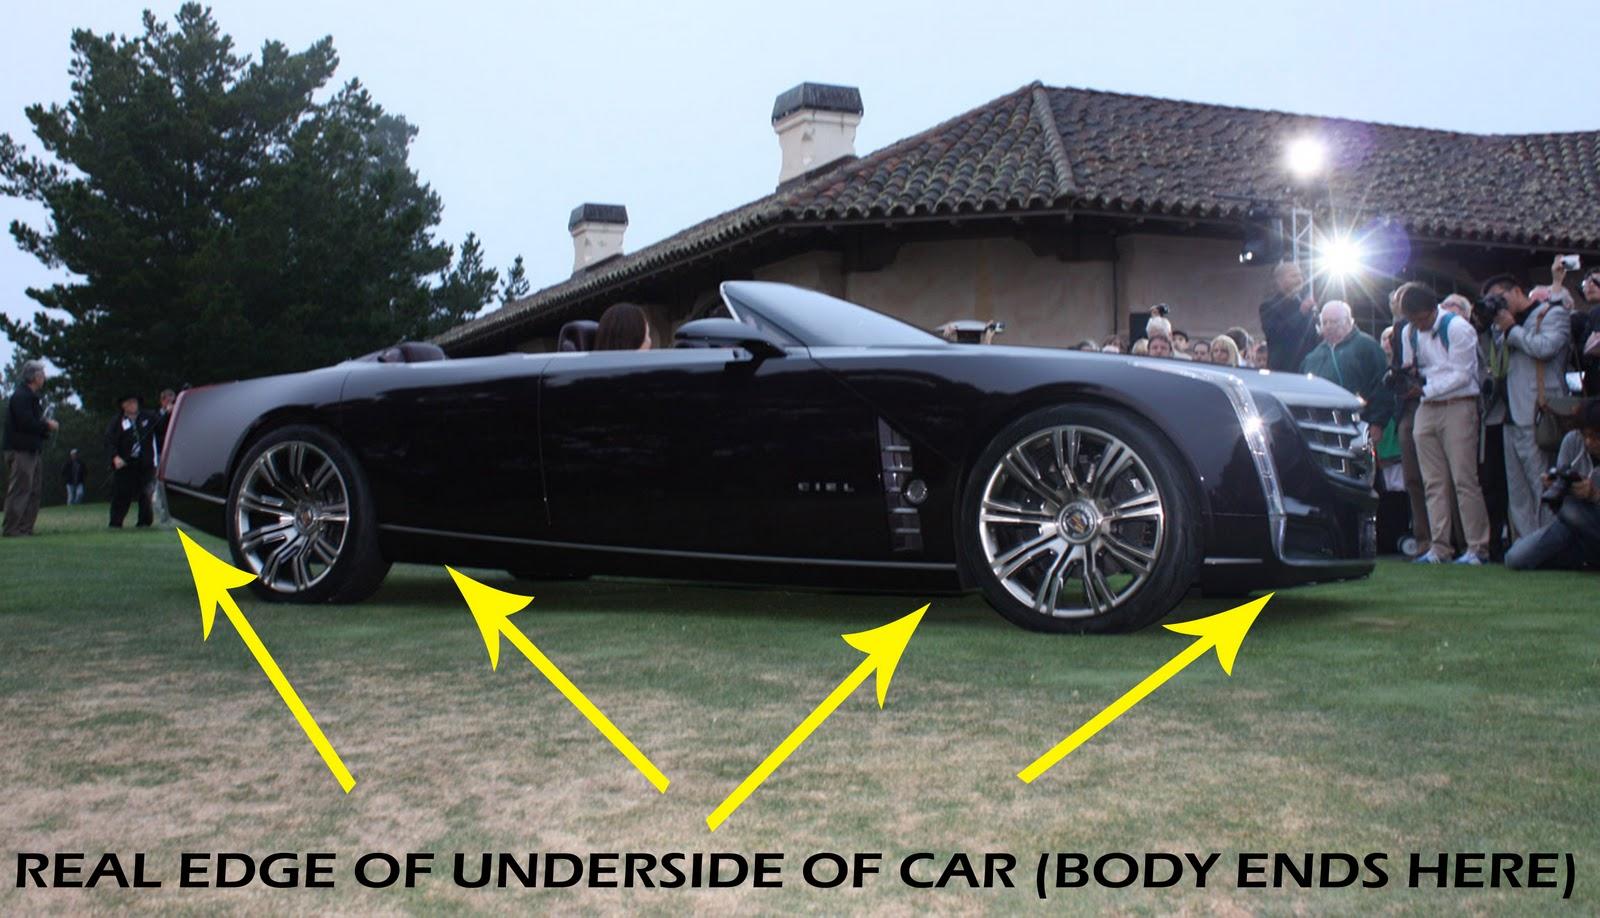 2015 Cadillac Ciel Price The cadillac ciel!